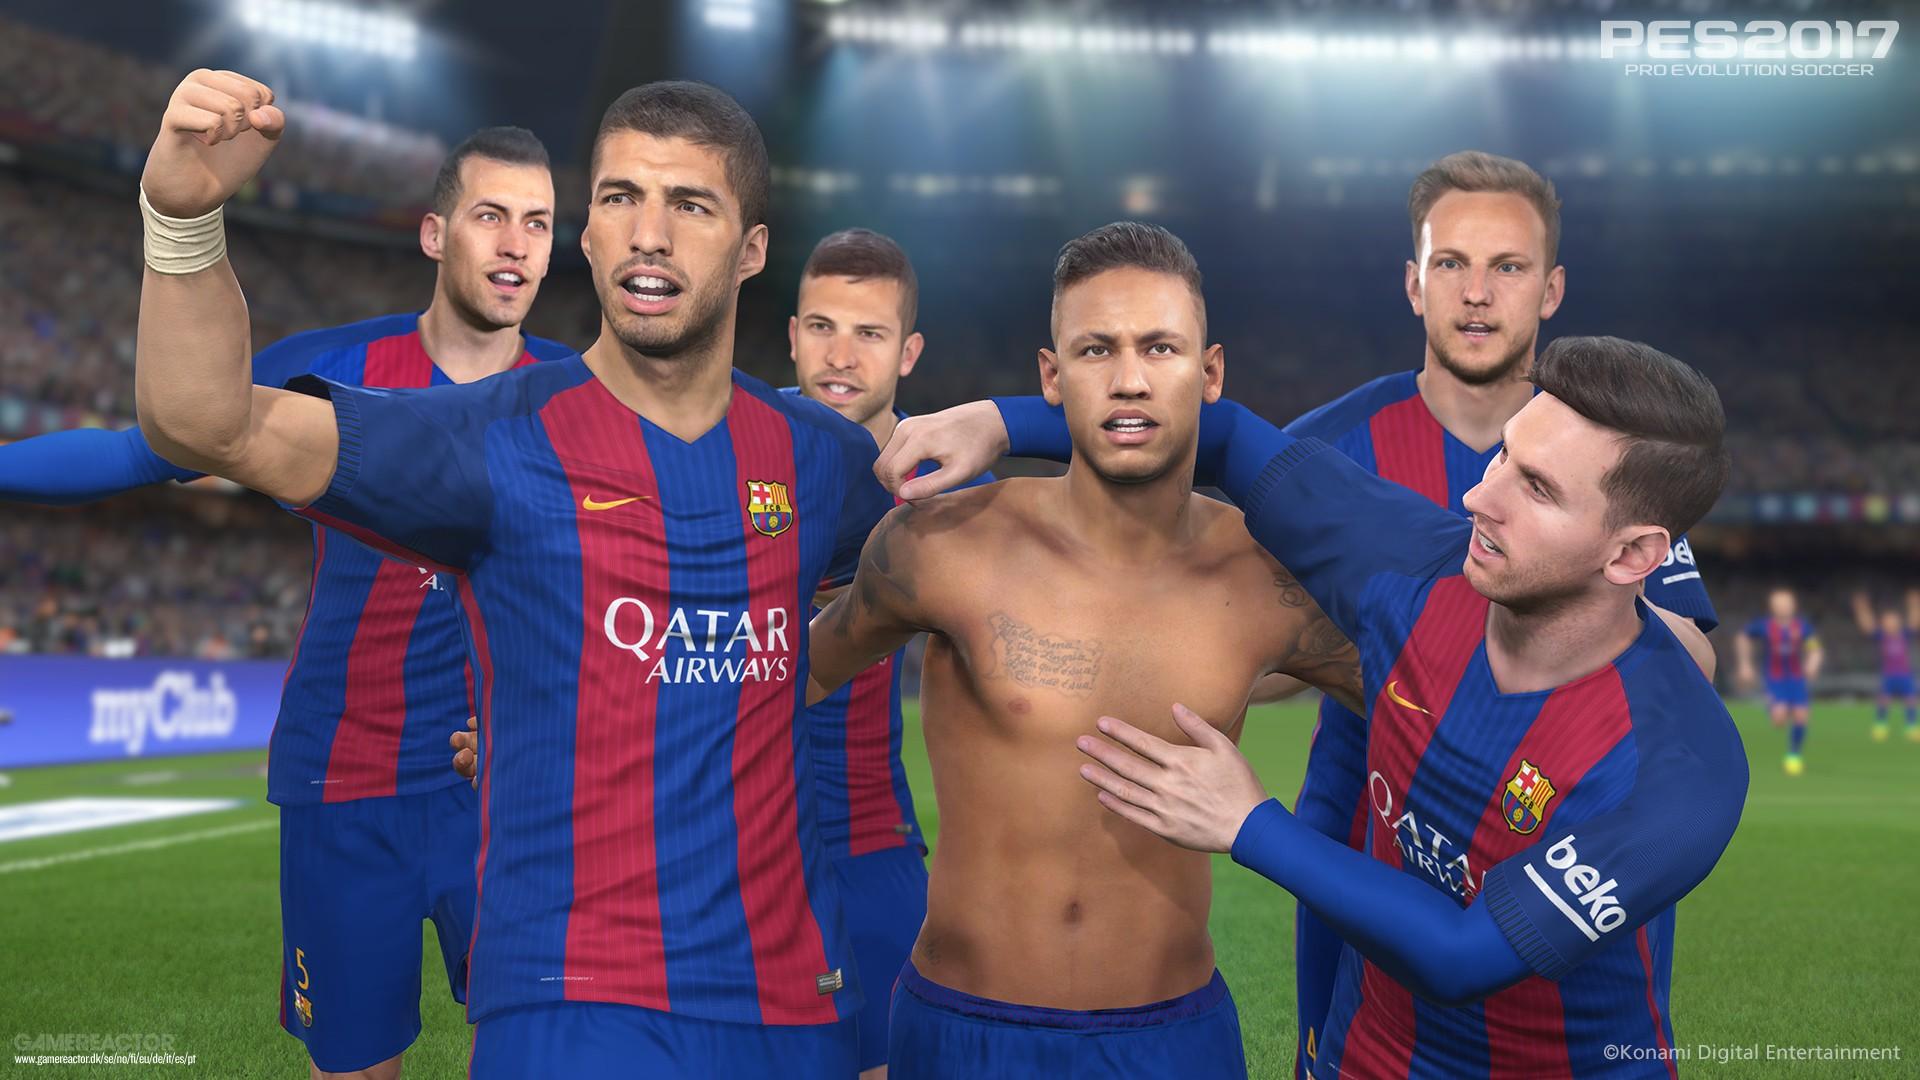 Parceria garante exclusividade do Camp Nou para Pro Evolution Soccer 2017